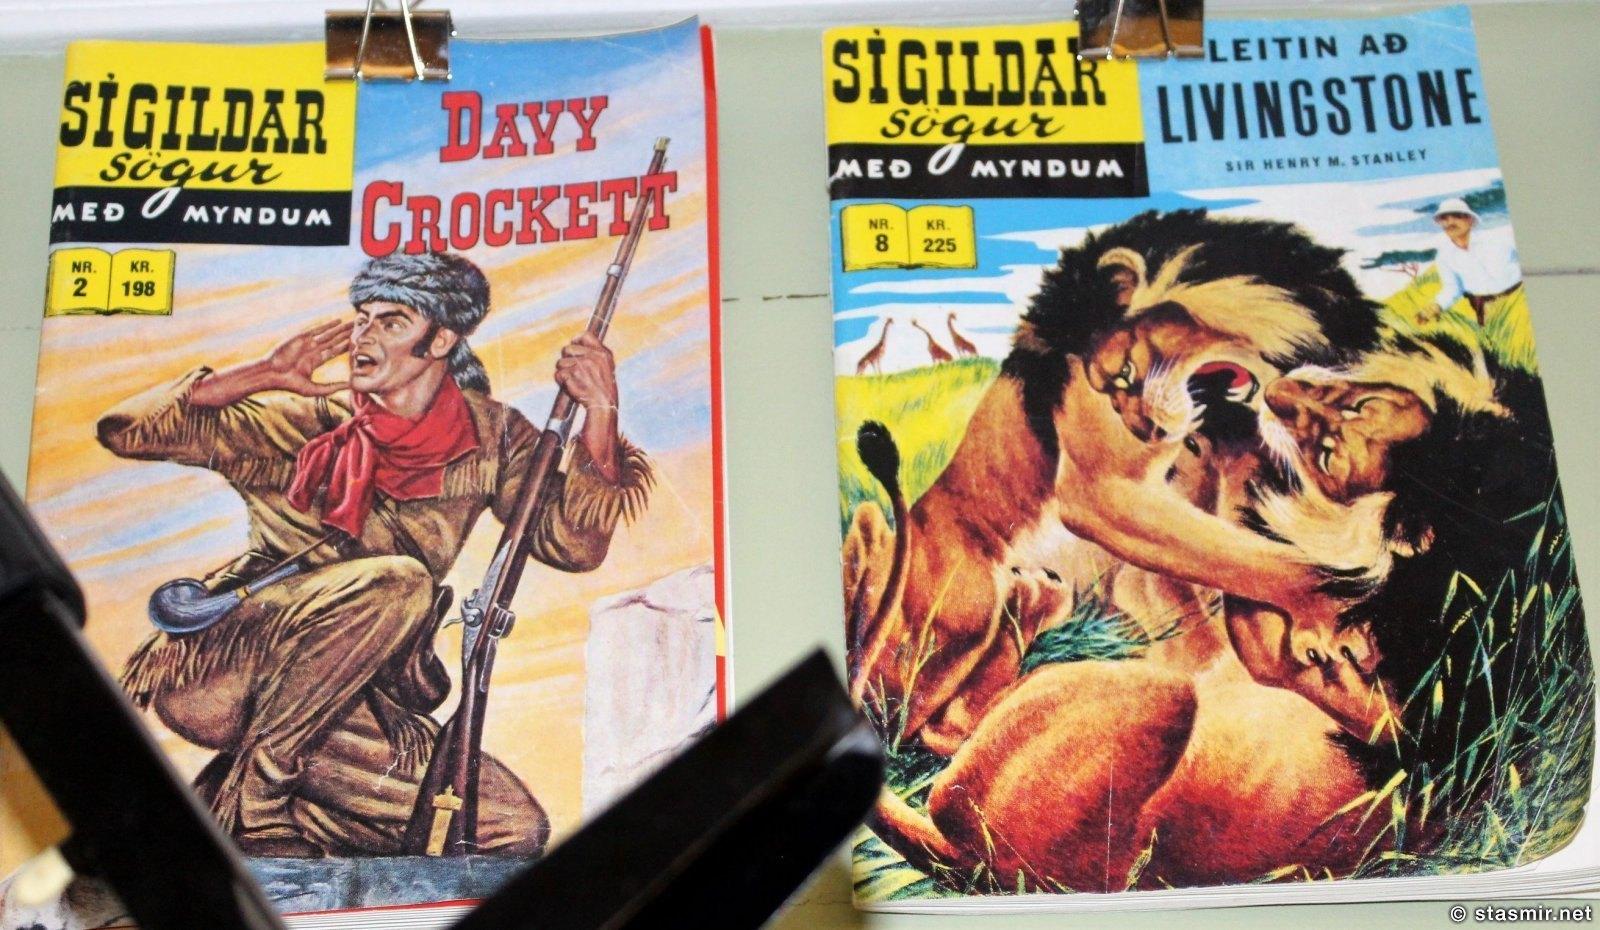 Дейви Крокет, Ливингстон и прочие детские комиксы из Исландии, фото Стасмир, Photo Stasmir